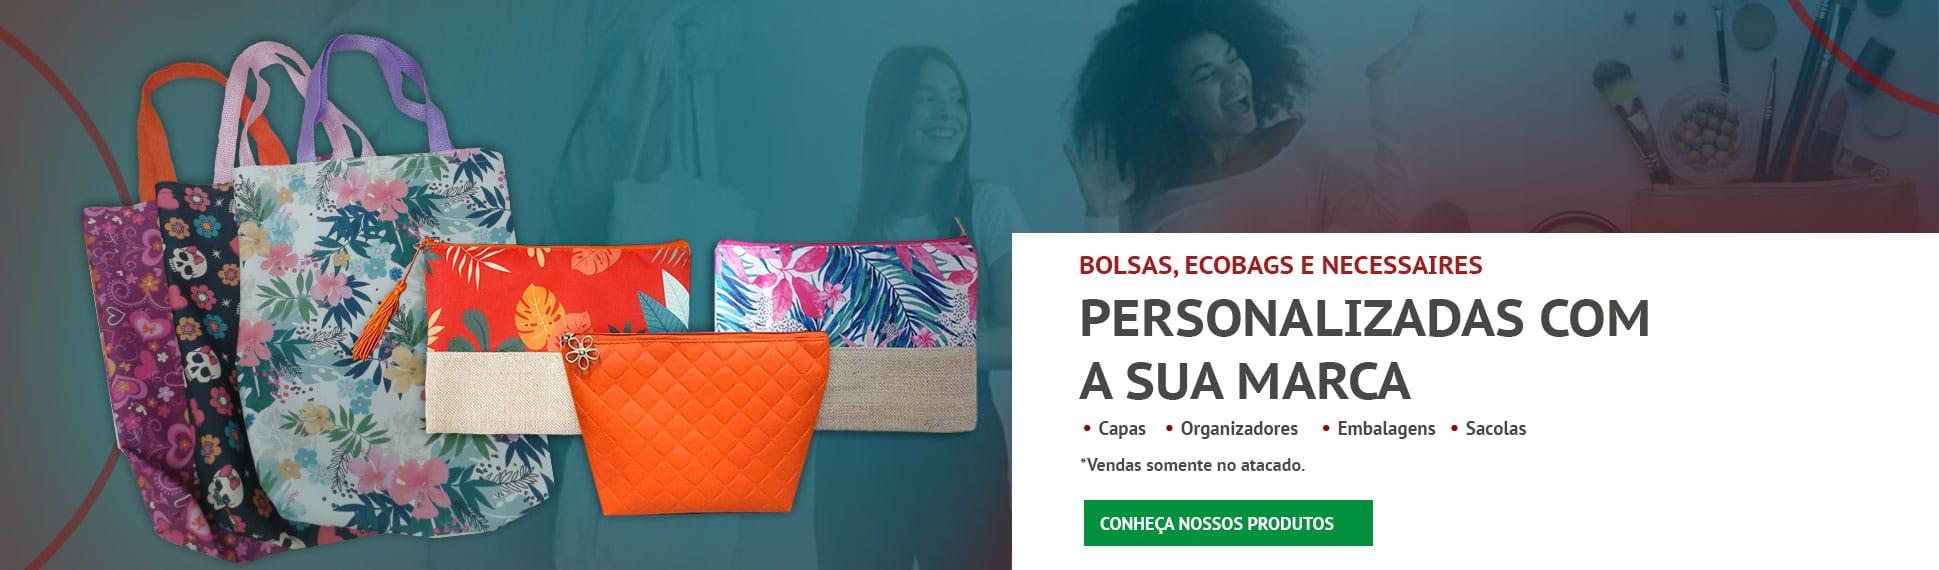 Bolsas-Ecobags-e-Necessaires